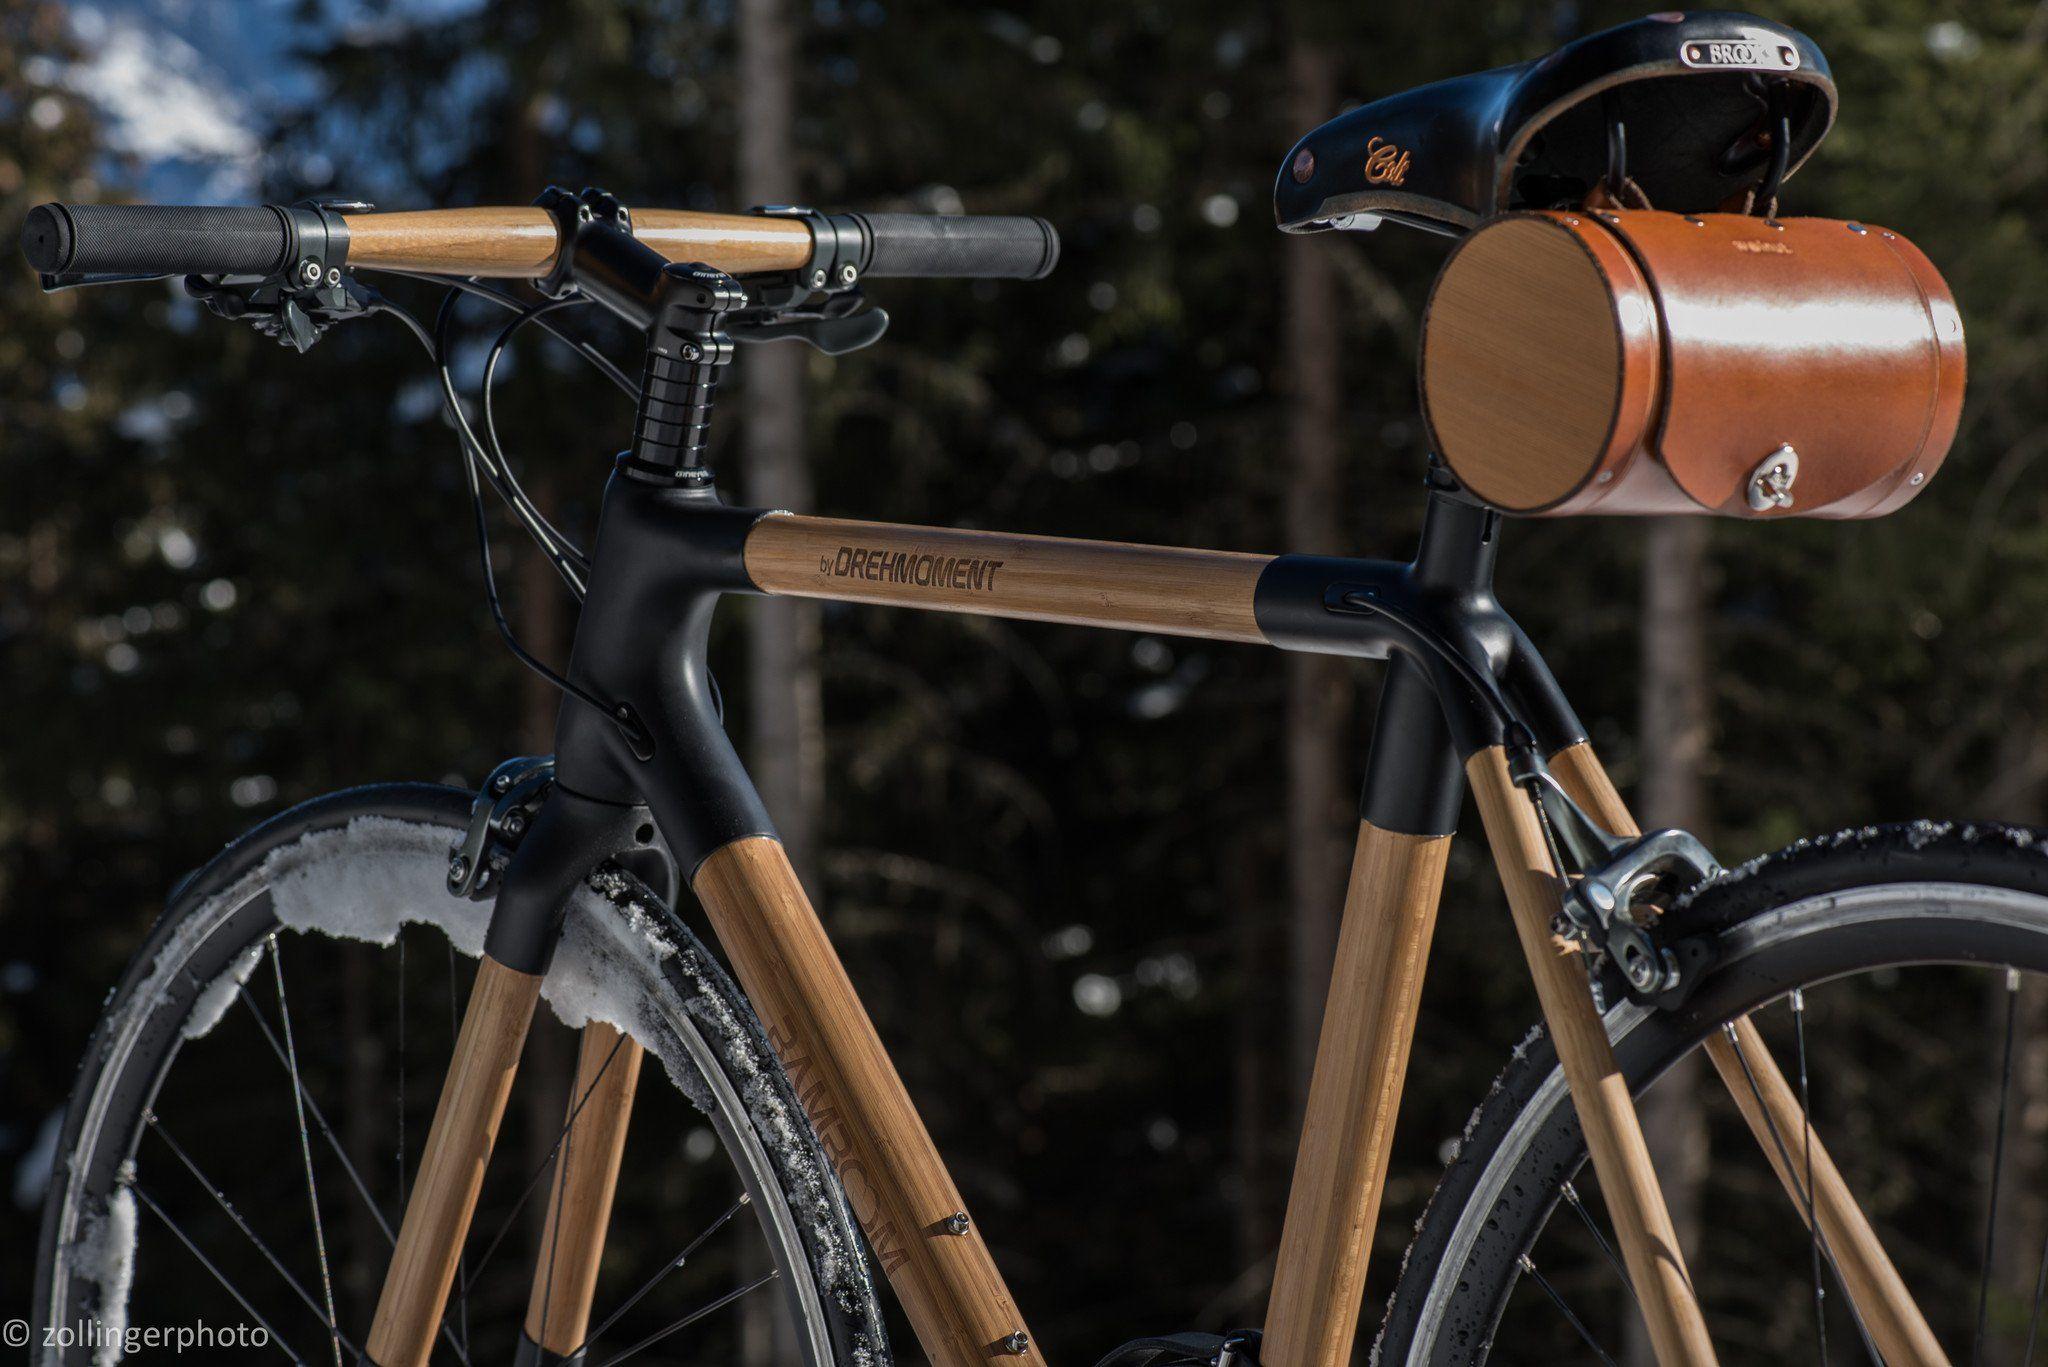 Drehmoment Bamboom RB 550 CL 2 | Trekking fahrrad, Felgen